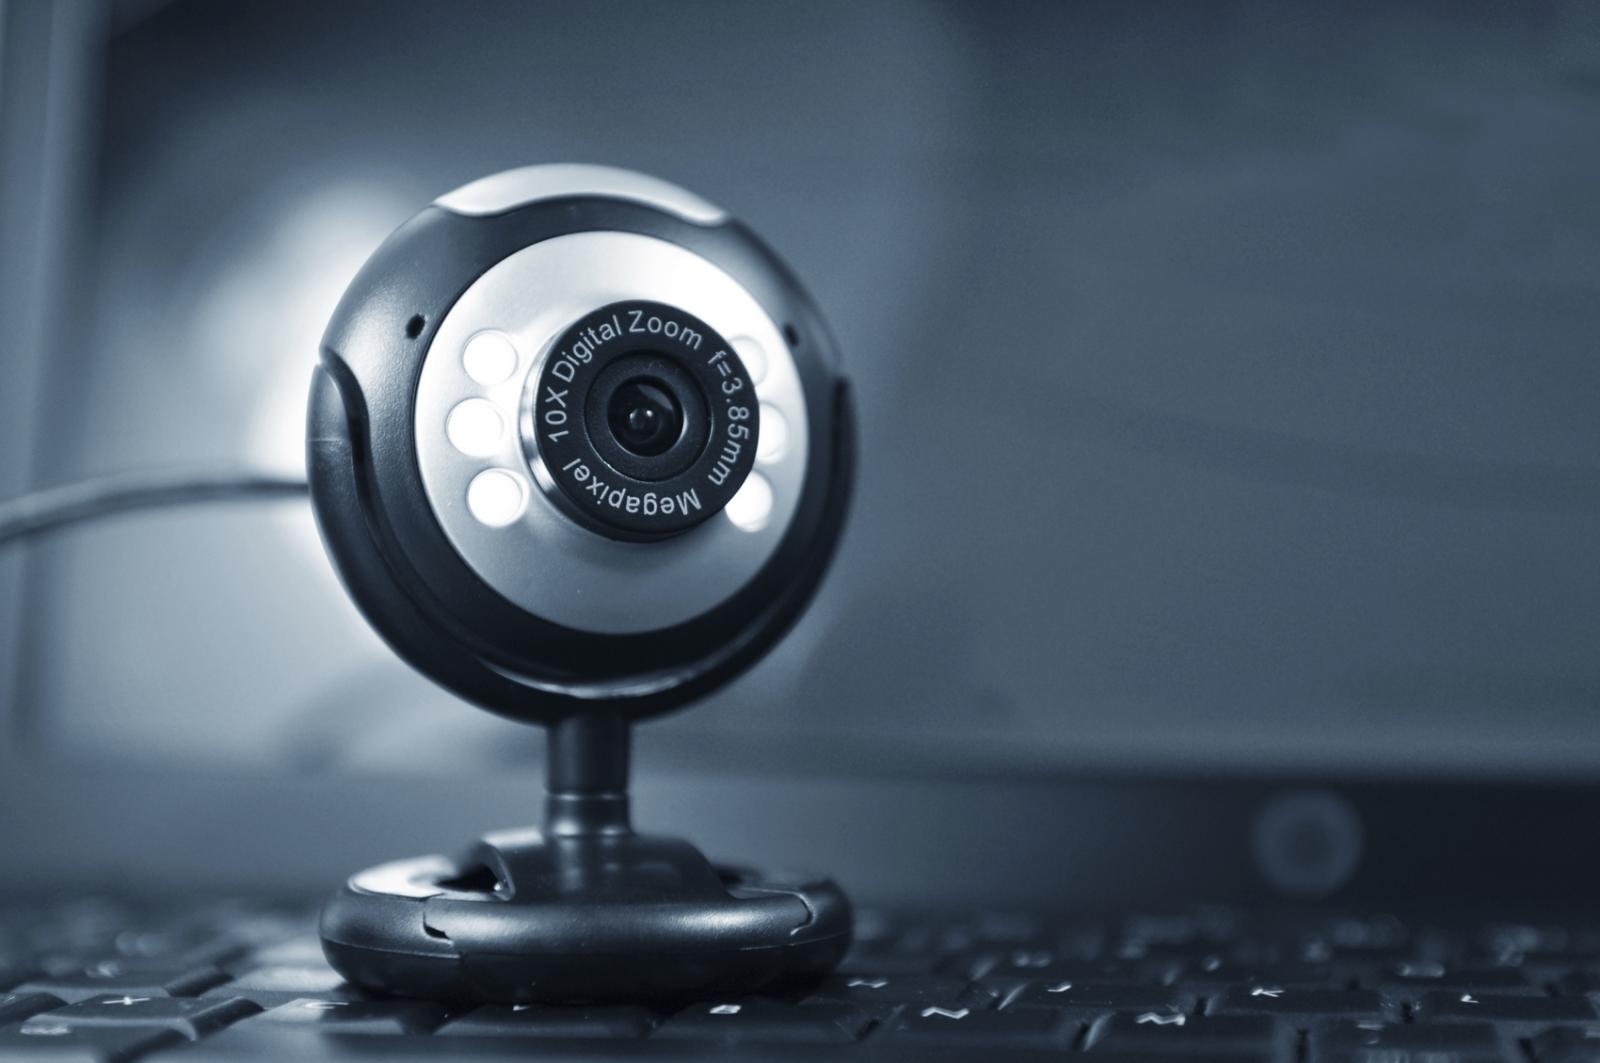 webcam hack live feed girls